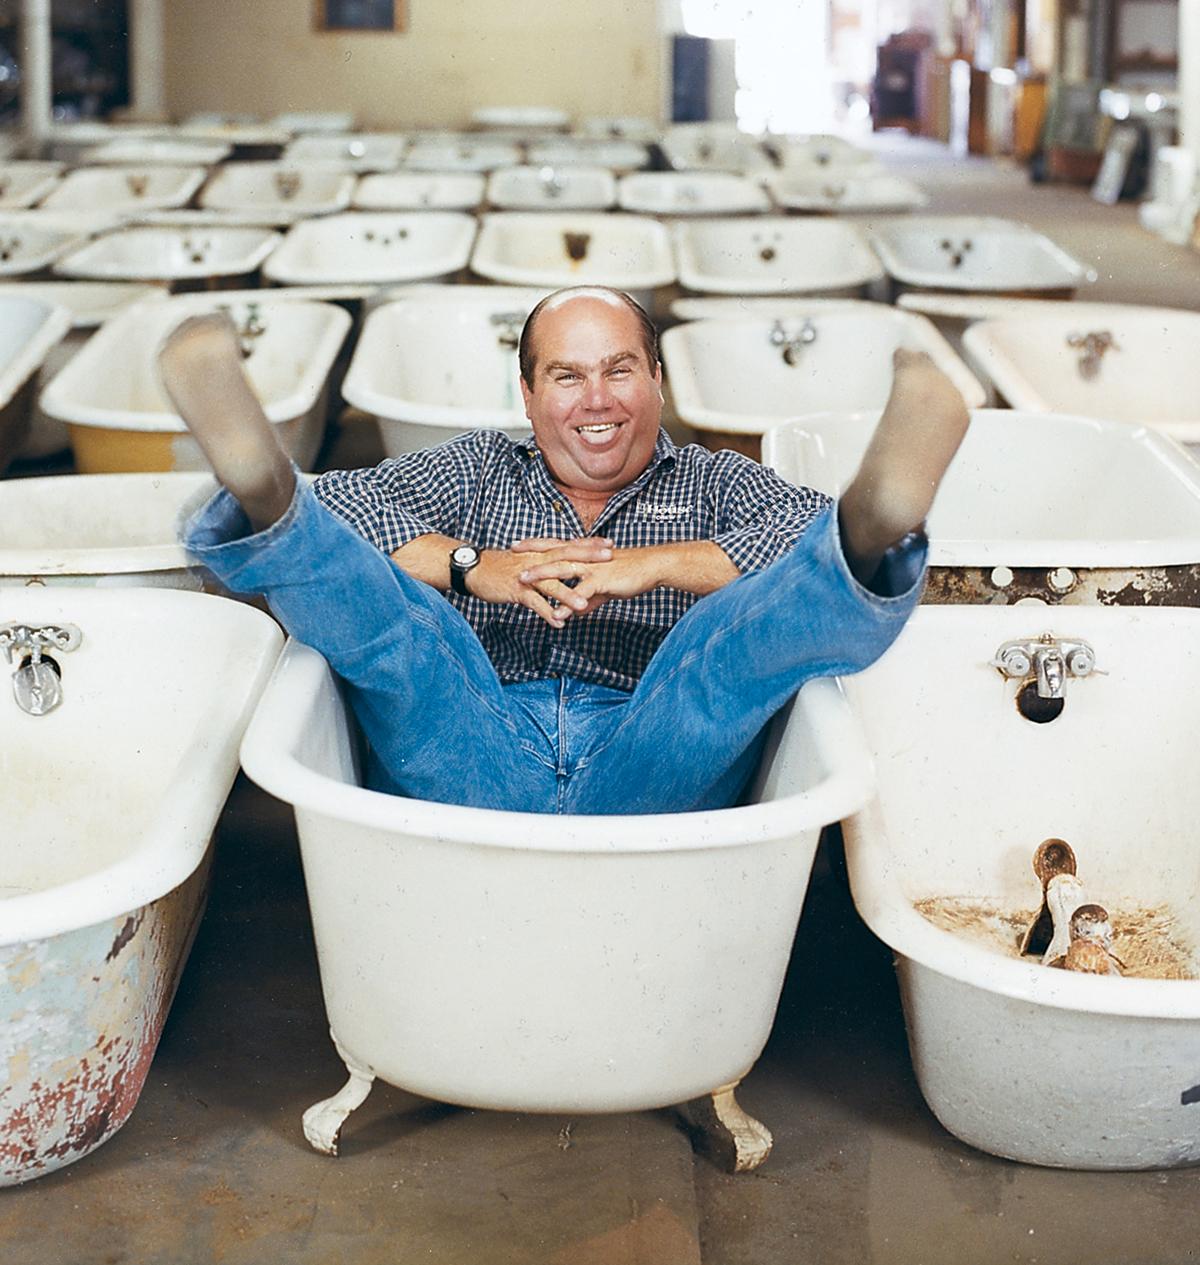 Richard Trethewey  is sitting a bath tub giving silly pose